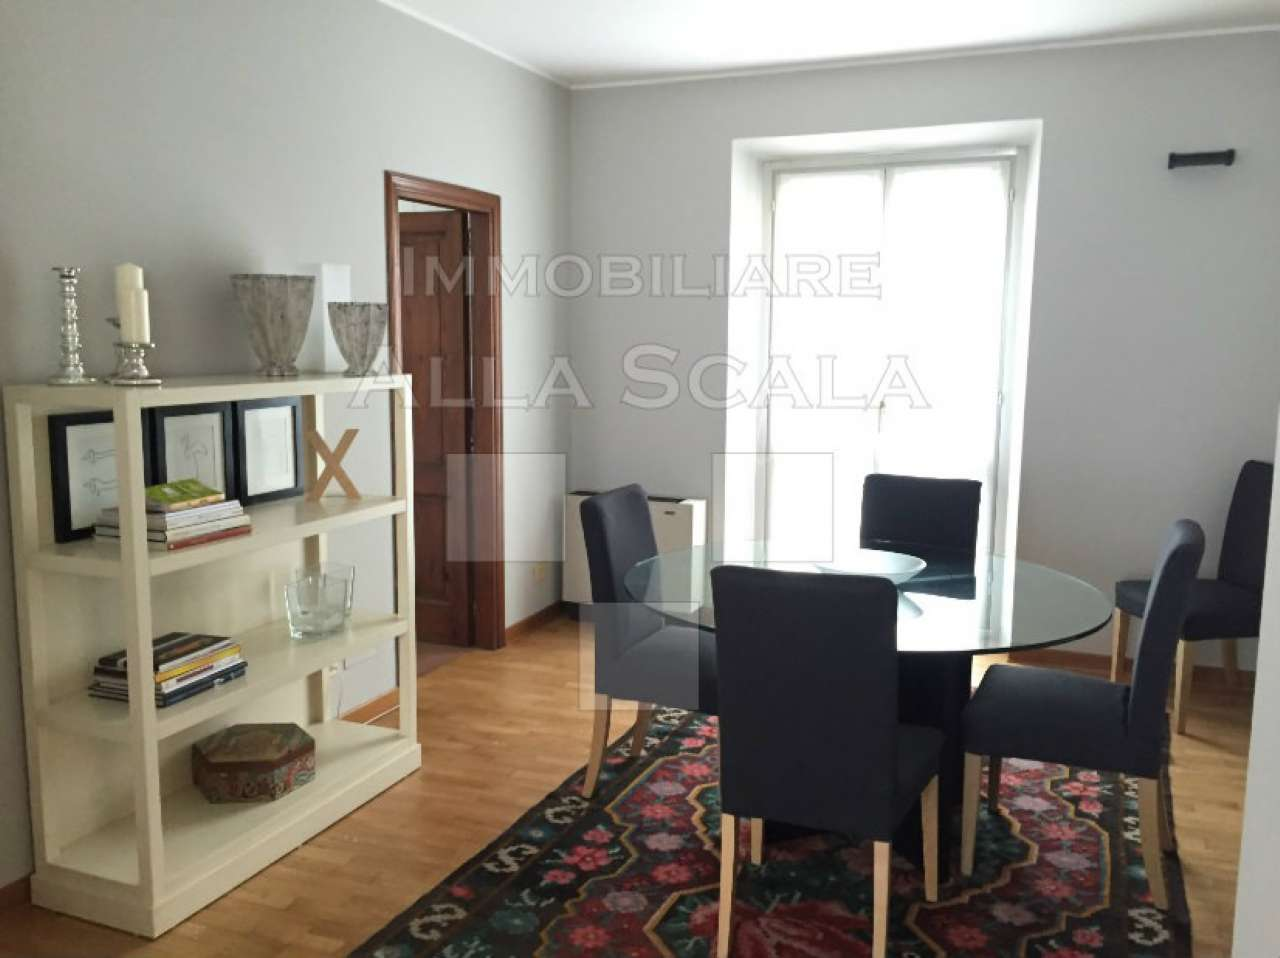 Attico / Mansarda in affitto a Milano, 3 locali, zona Zona: 1 . Centro Storico, Duomo, Brera, Cadorna, Cattolica, prezzo € 2.666 | Cambio Casa.it